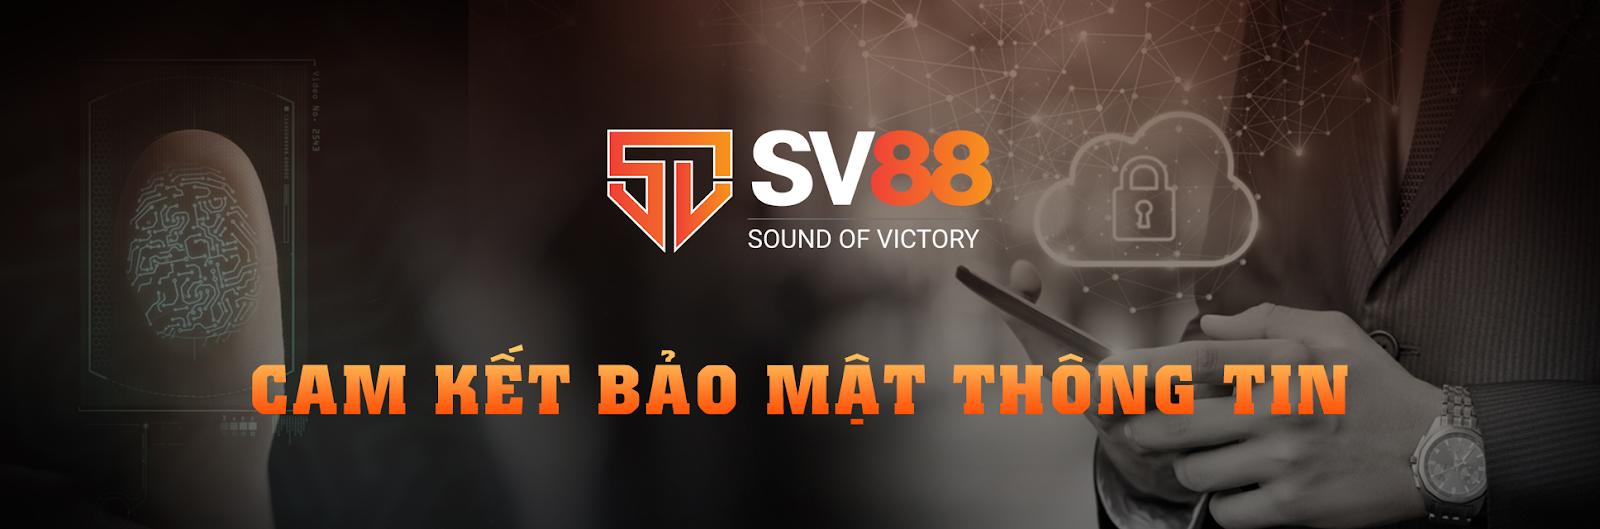 Nhà cái SV88 bảo mật thông tin người dùng bằng công nghệ tân tiến nhất